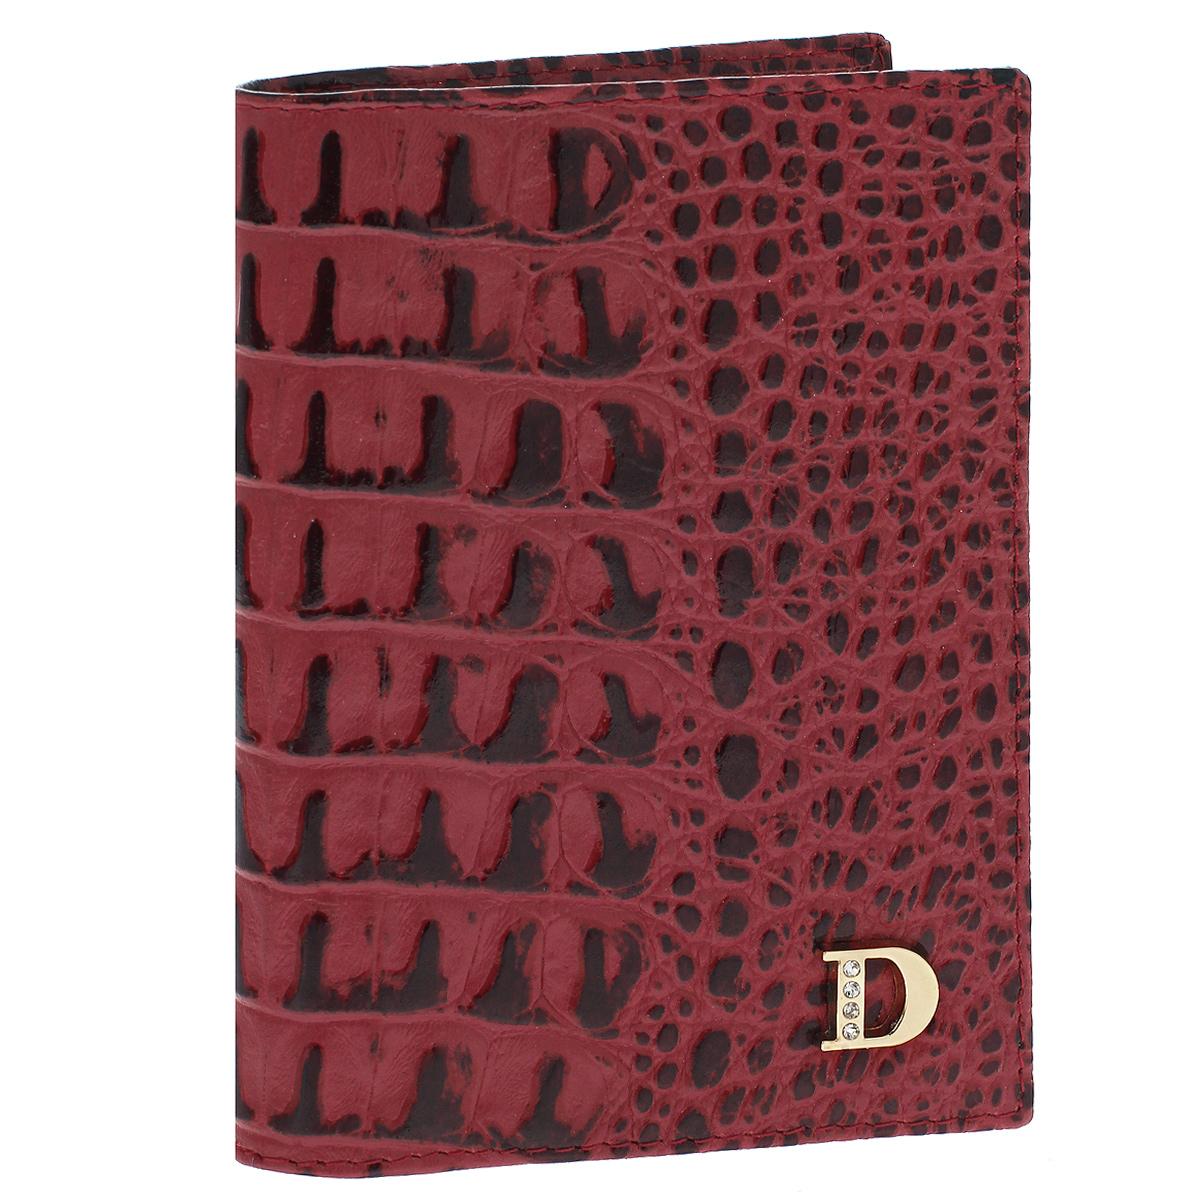 Бумажник водителя Dimanche Loricata Rouge, цвет: красный. 5511-022_516Бумажник водителя Dimanche Loricata Rouge изготовлен из натуральной кожи красного цвета с декоративным тиснением под рептилию.Внутри содержится съемный блок из 5 прозрачных пластиковых файлов для автодокументов, 4 прорезных кармашка для пластиковых карт, карман для сим-карты и 2 потайных кармашка для мелких бумаг. Стильный бумажник не только защитит ваши документы, но и станет стильным аксессуаром, подчеркивающим ваш образ. Изделие упаковано в фирменную коробку коричневого цвета с логотипом фирмы Dimanche. Характеристики:Материал: натуральная кожа, текстиль, пластик. Цвет: красный. Размер бумажника (ДхШхВ): 9,5 см х 13,5 см х 1,5 см.